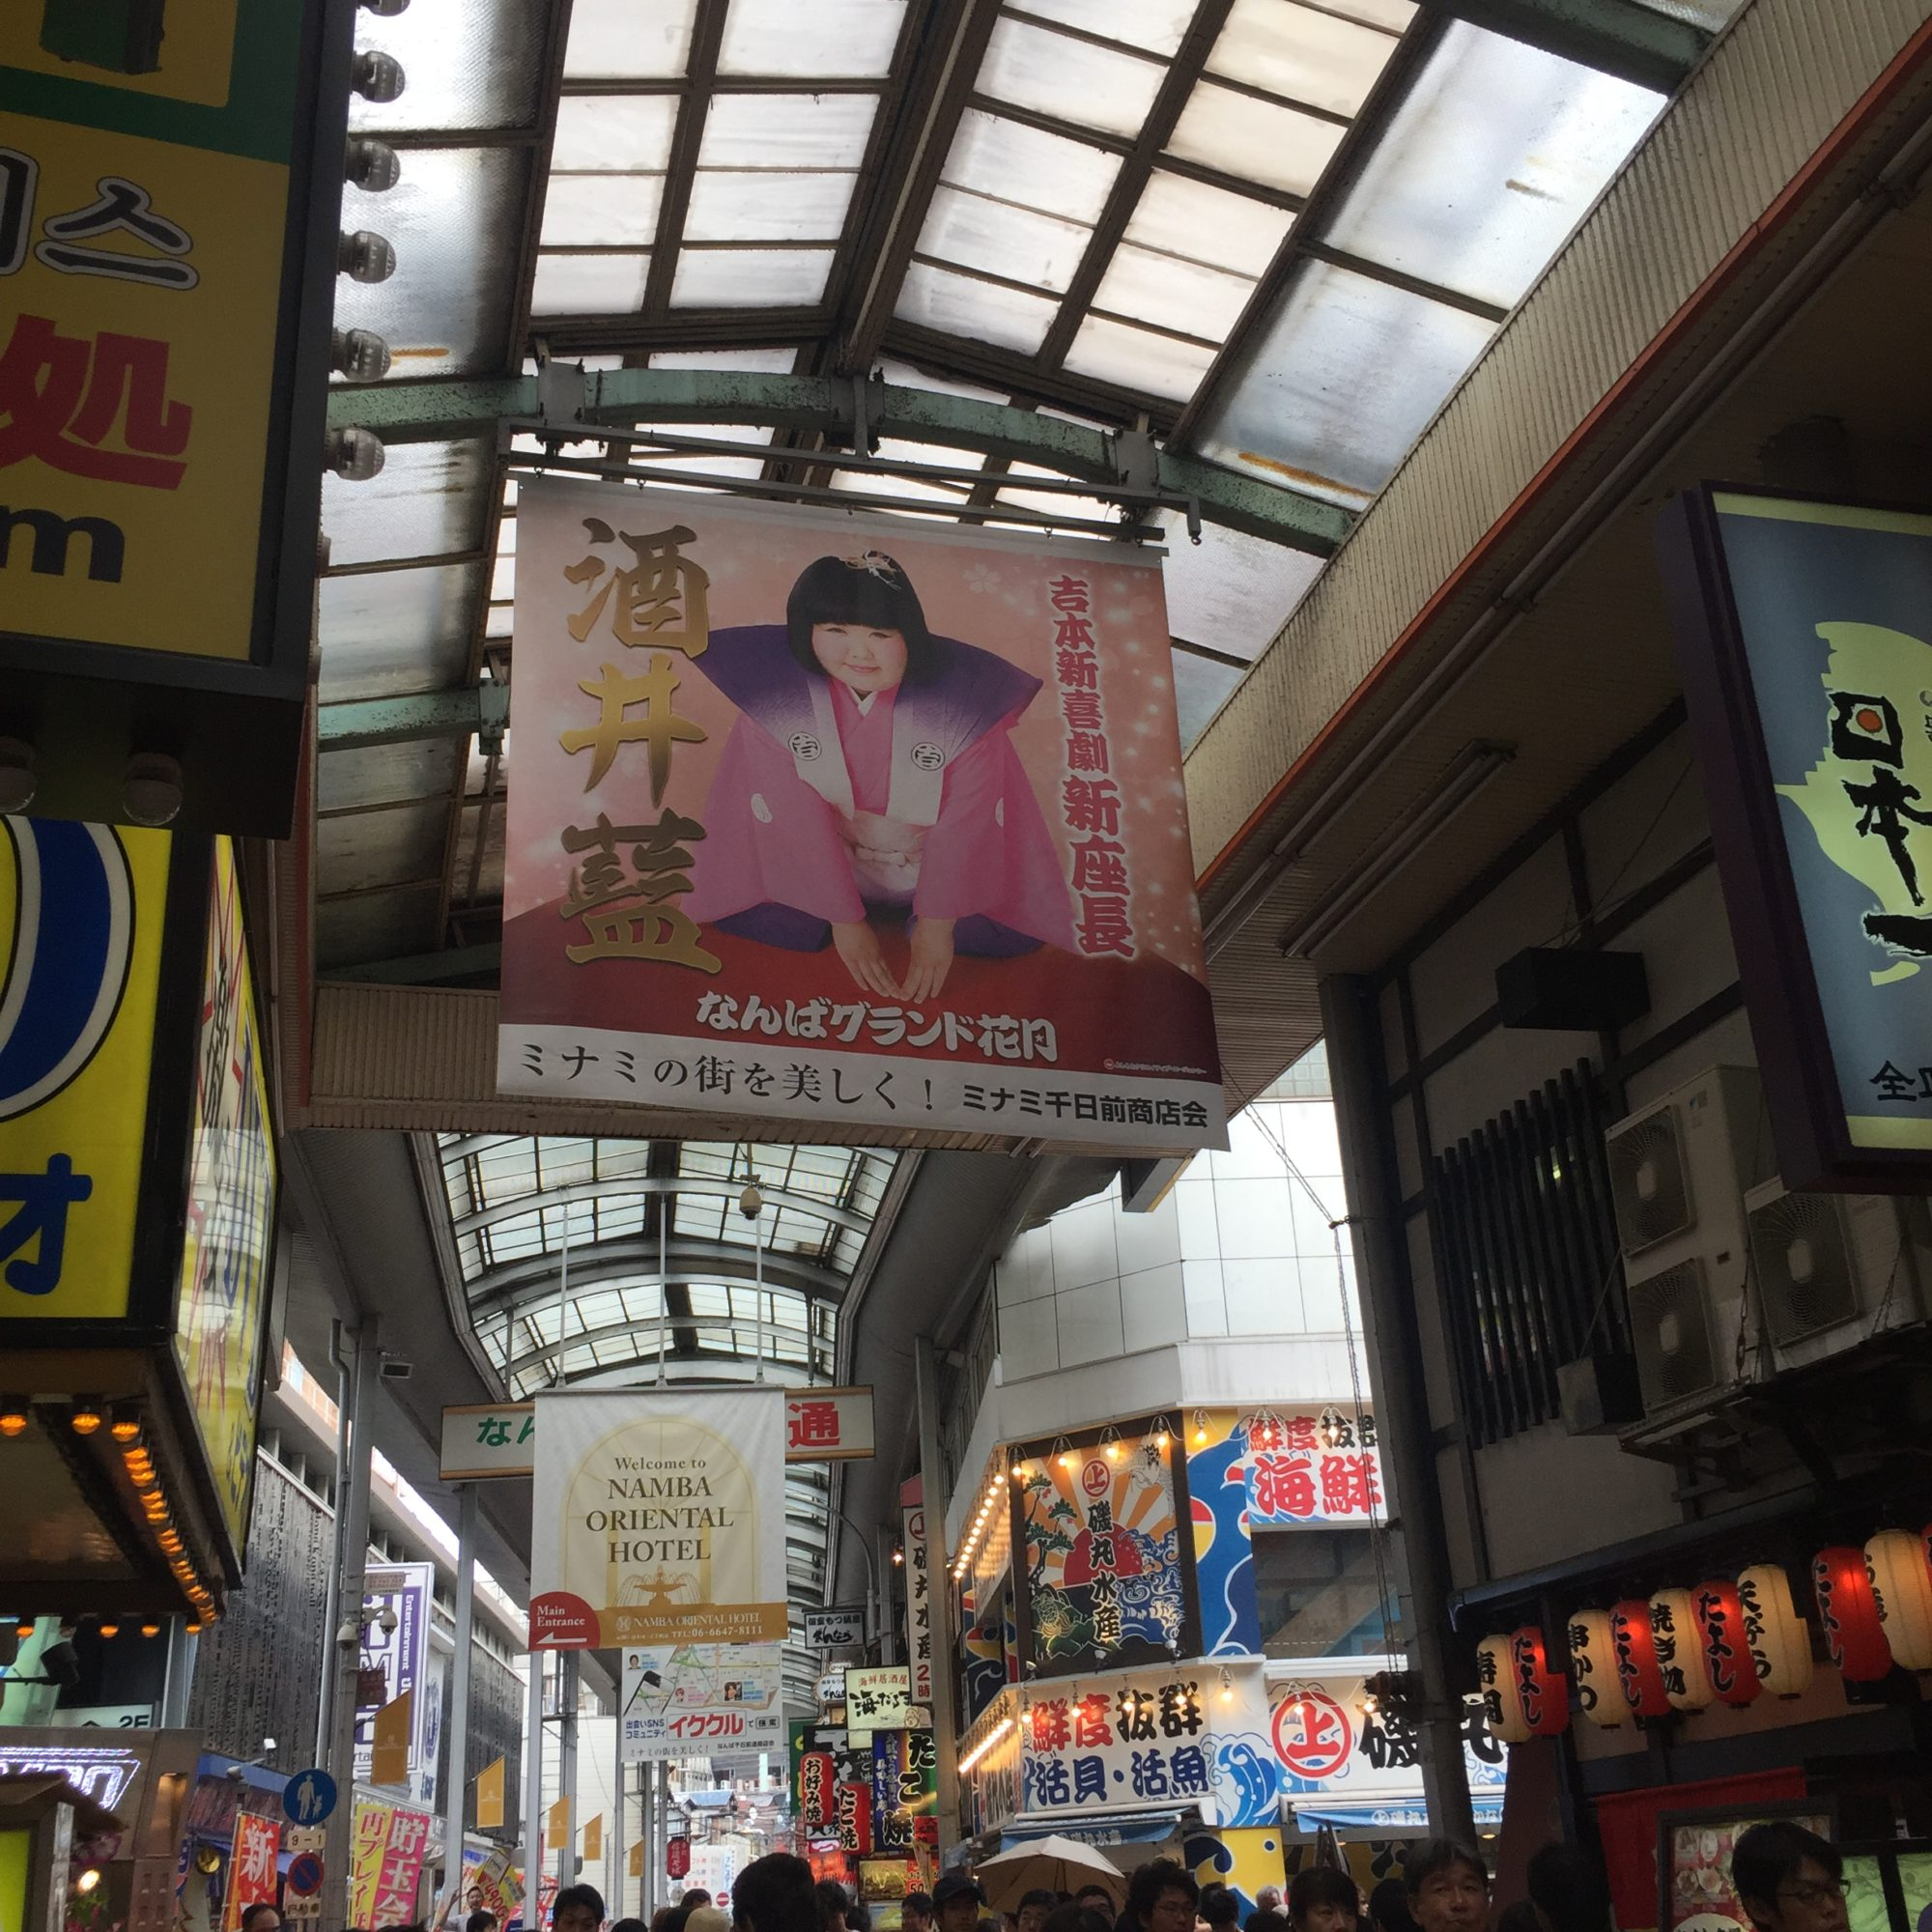 大阪での遊び方〜たこ焼きと吉本新喜劇を楽しむ〜